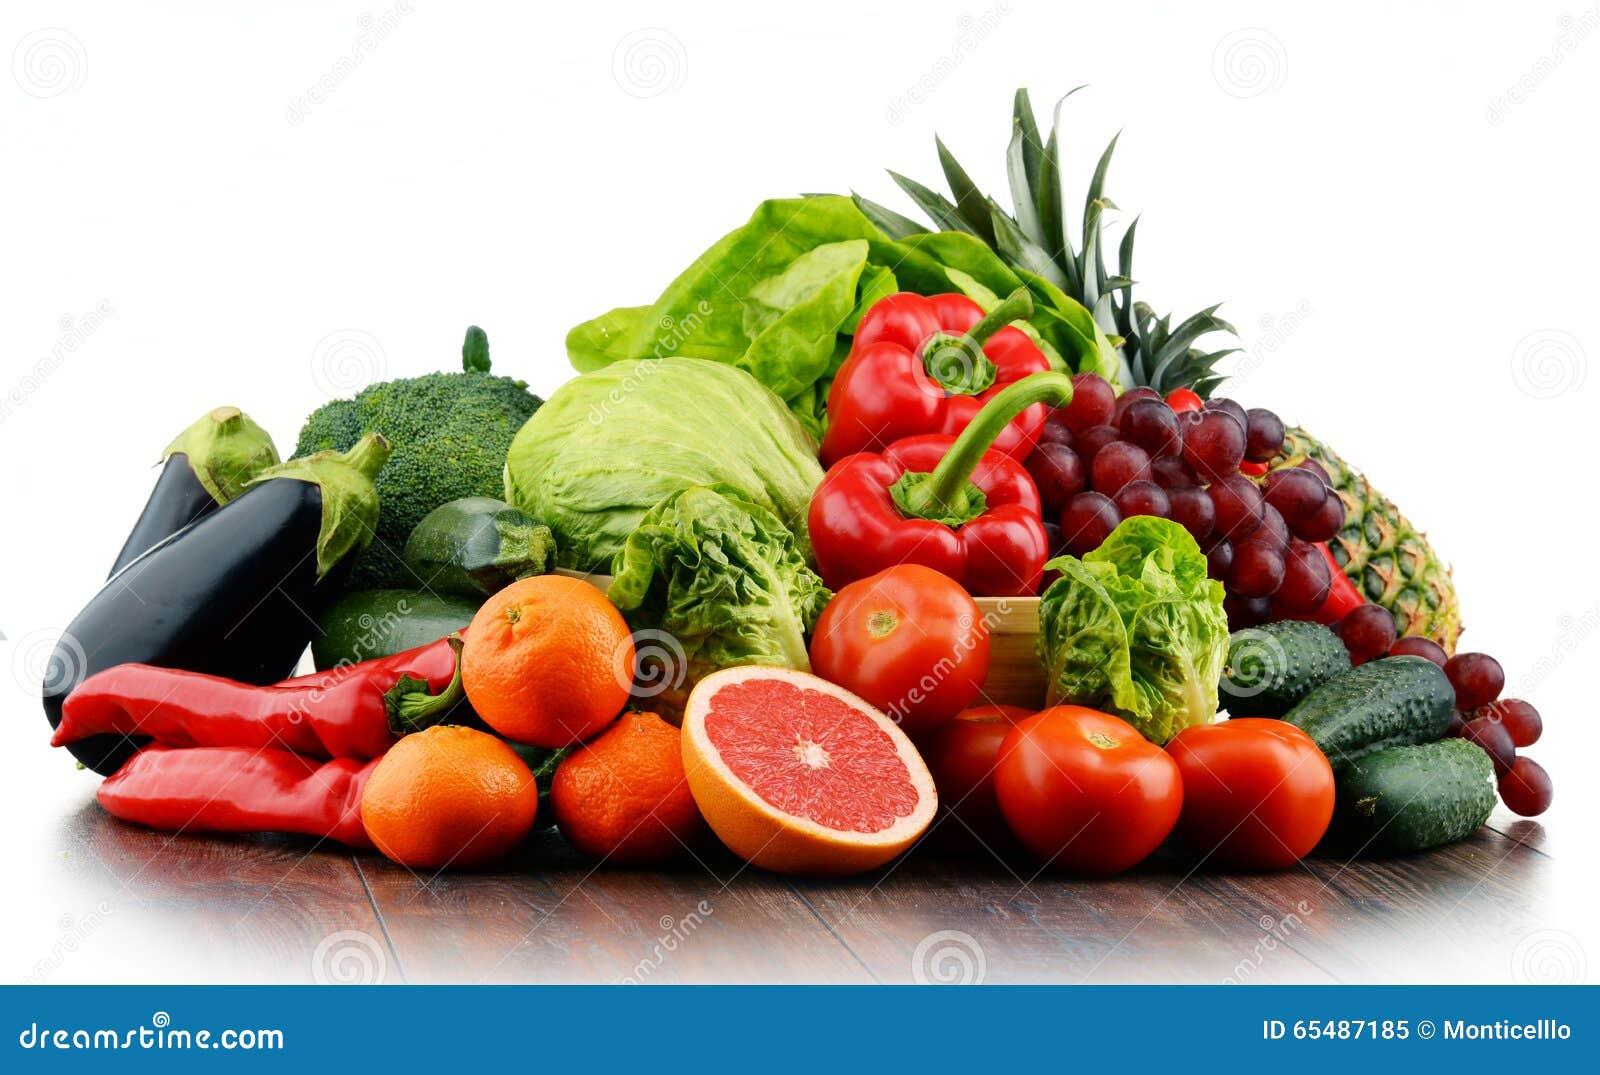 Composizione con variet di ortaggi freschi e di frutta for Decorazioni con verdure e ortaggi